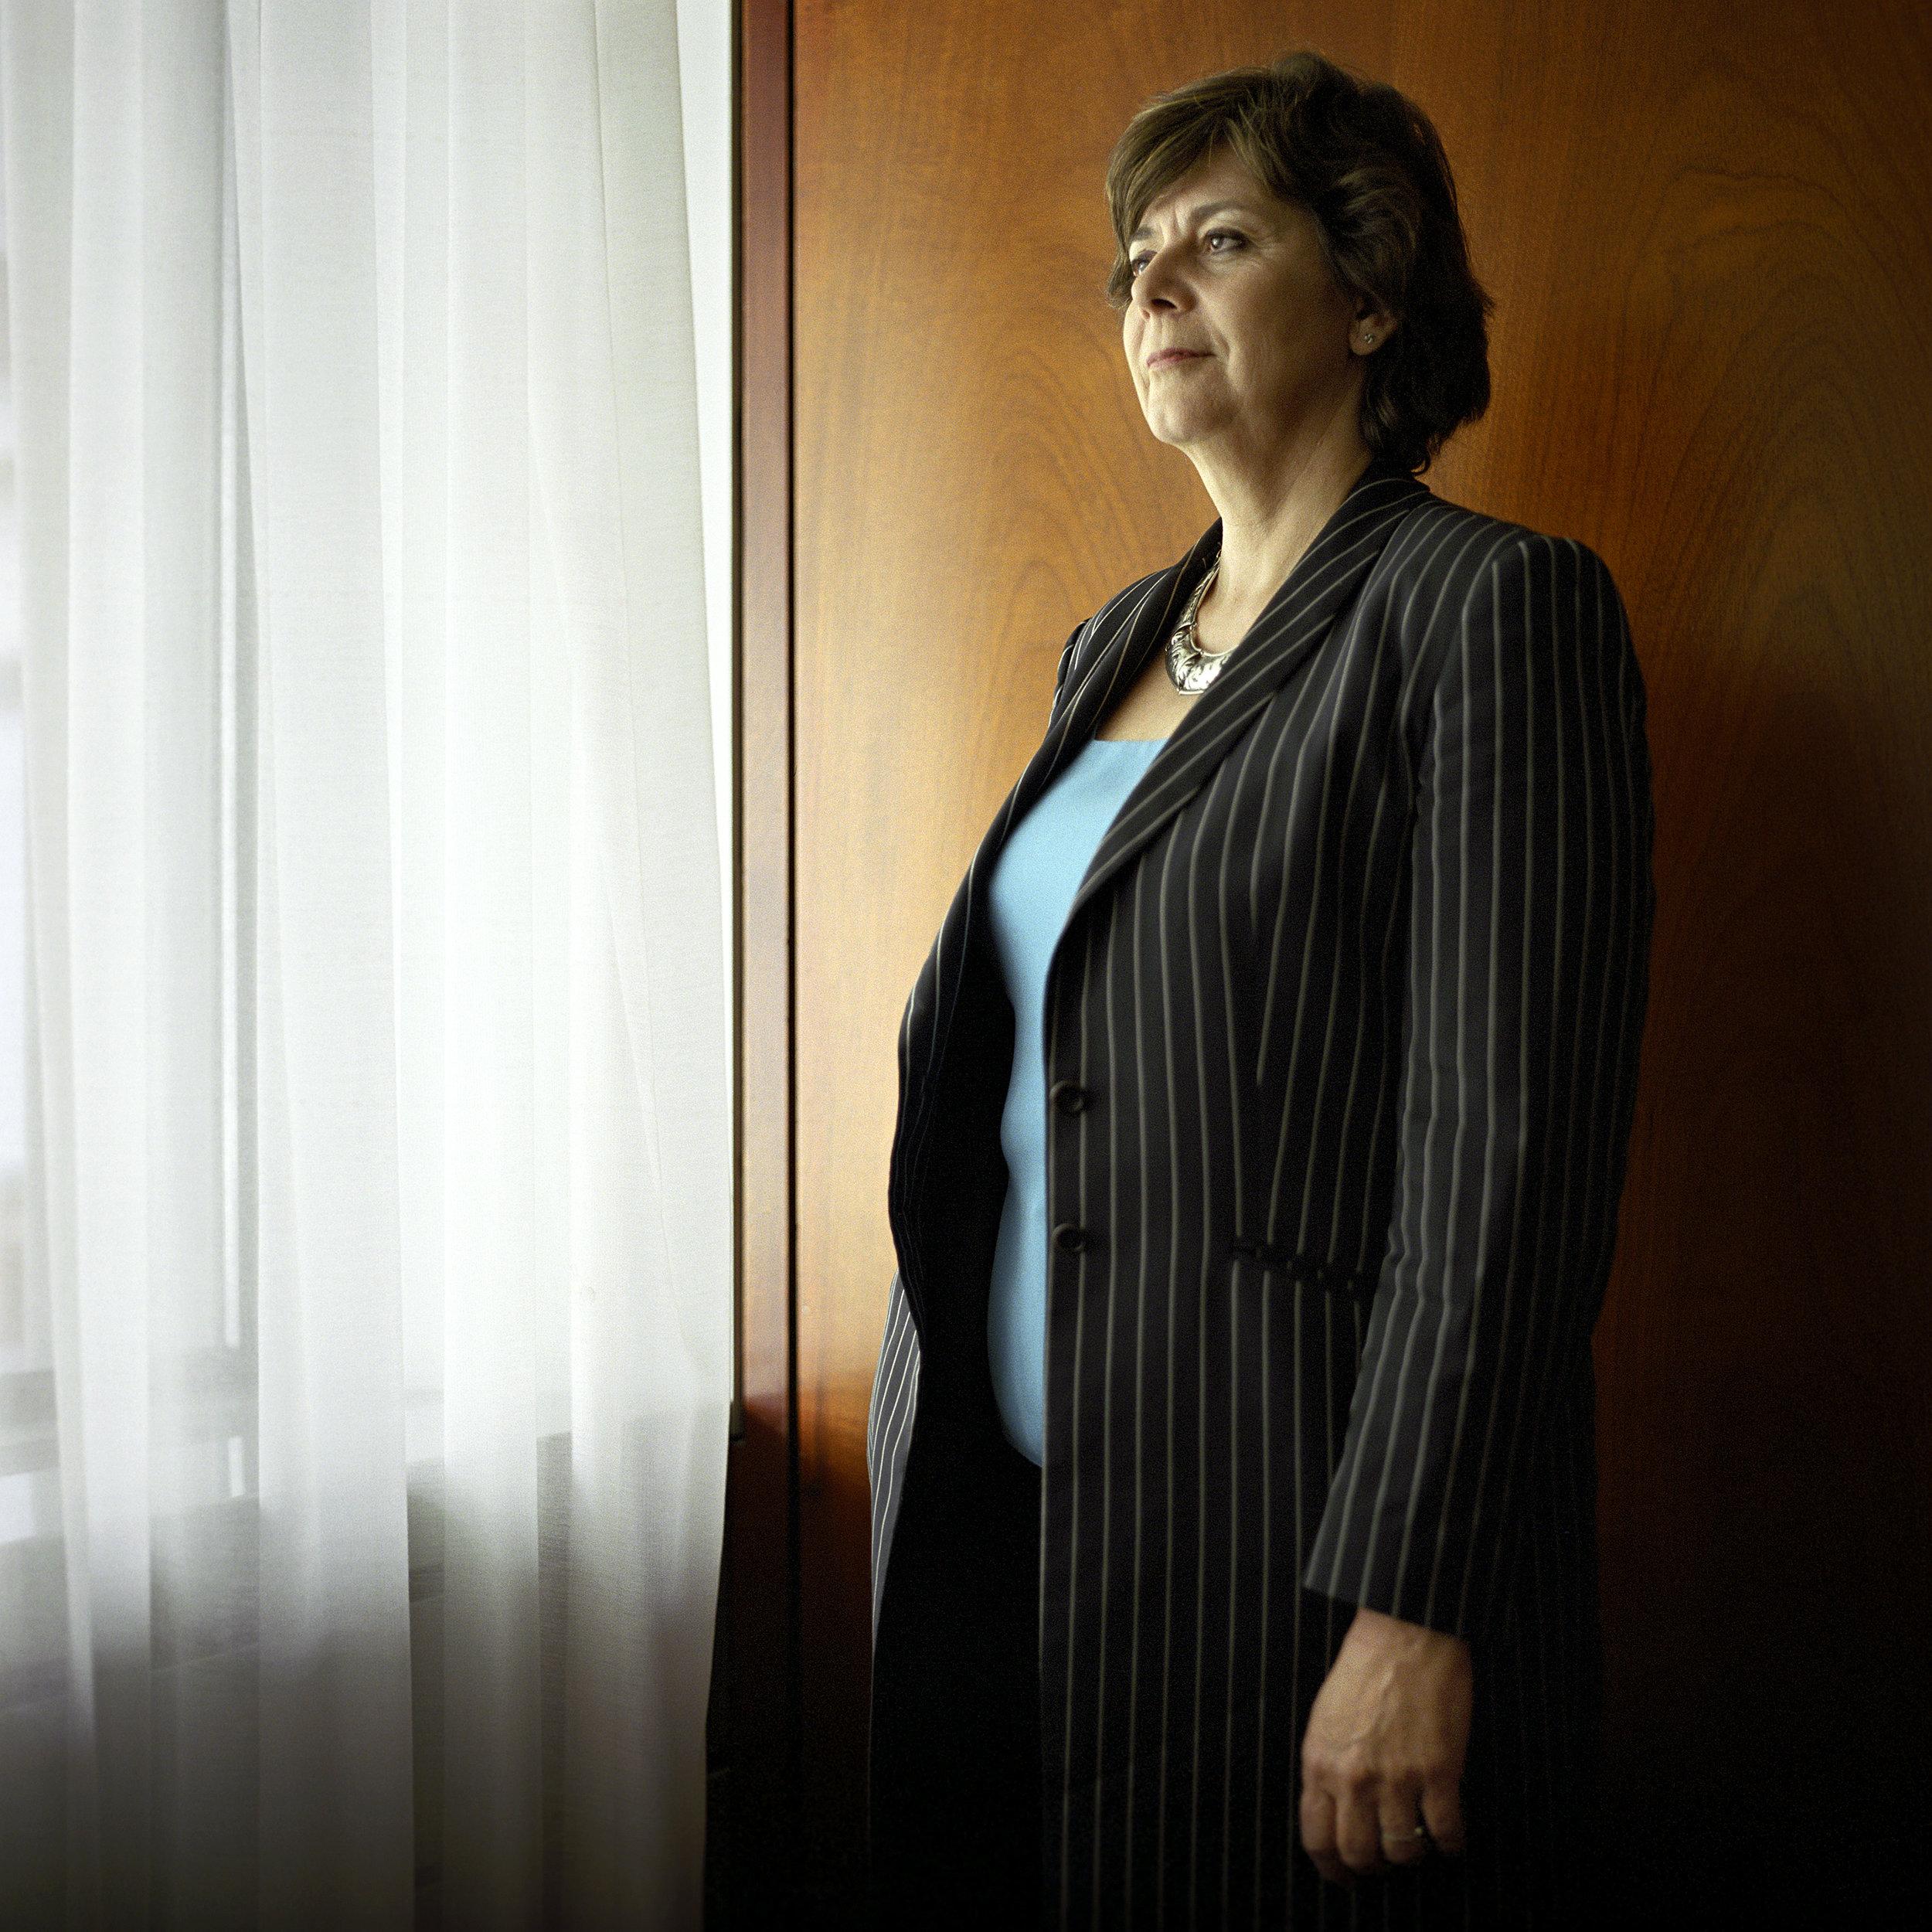 De Volkskrant,Rita Verdonk, voormalig minister van Vreemdelingenzaken en Integratie